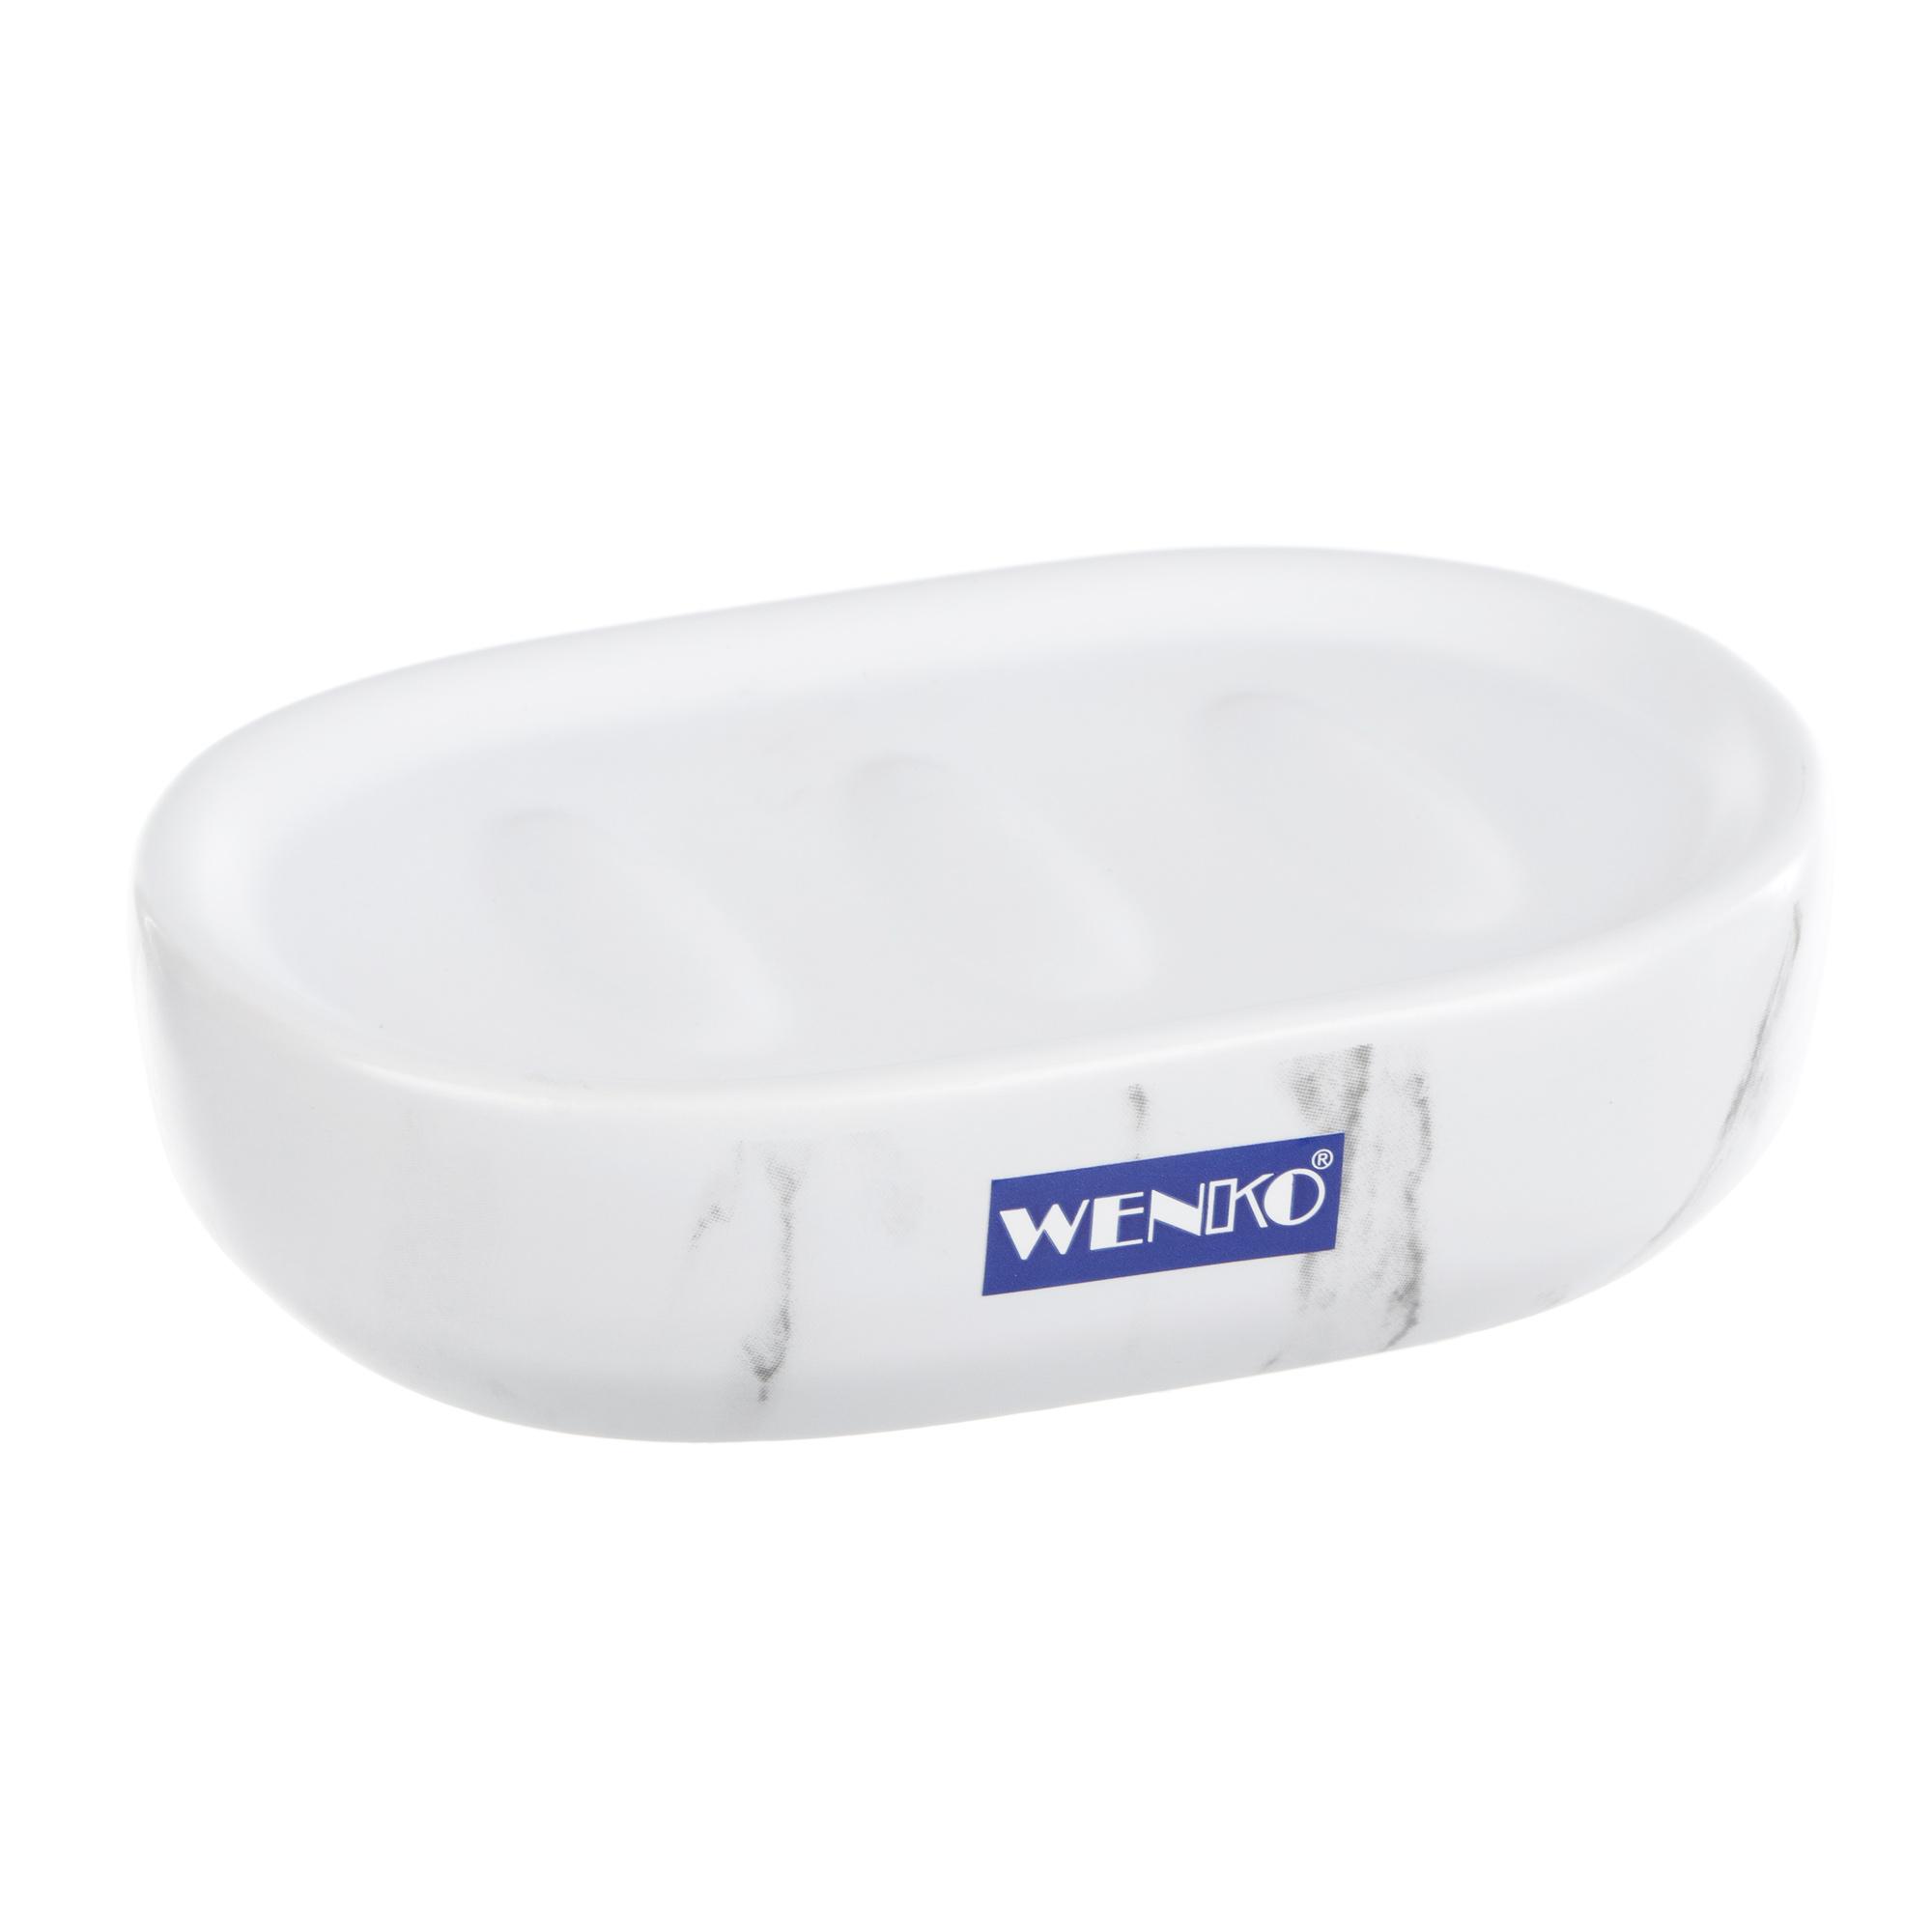 Фото - Мыльница Wenko sanitary adrada белая стеллаж напольный 4 полки wenko sanitary